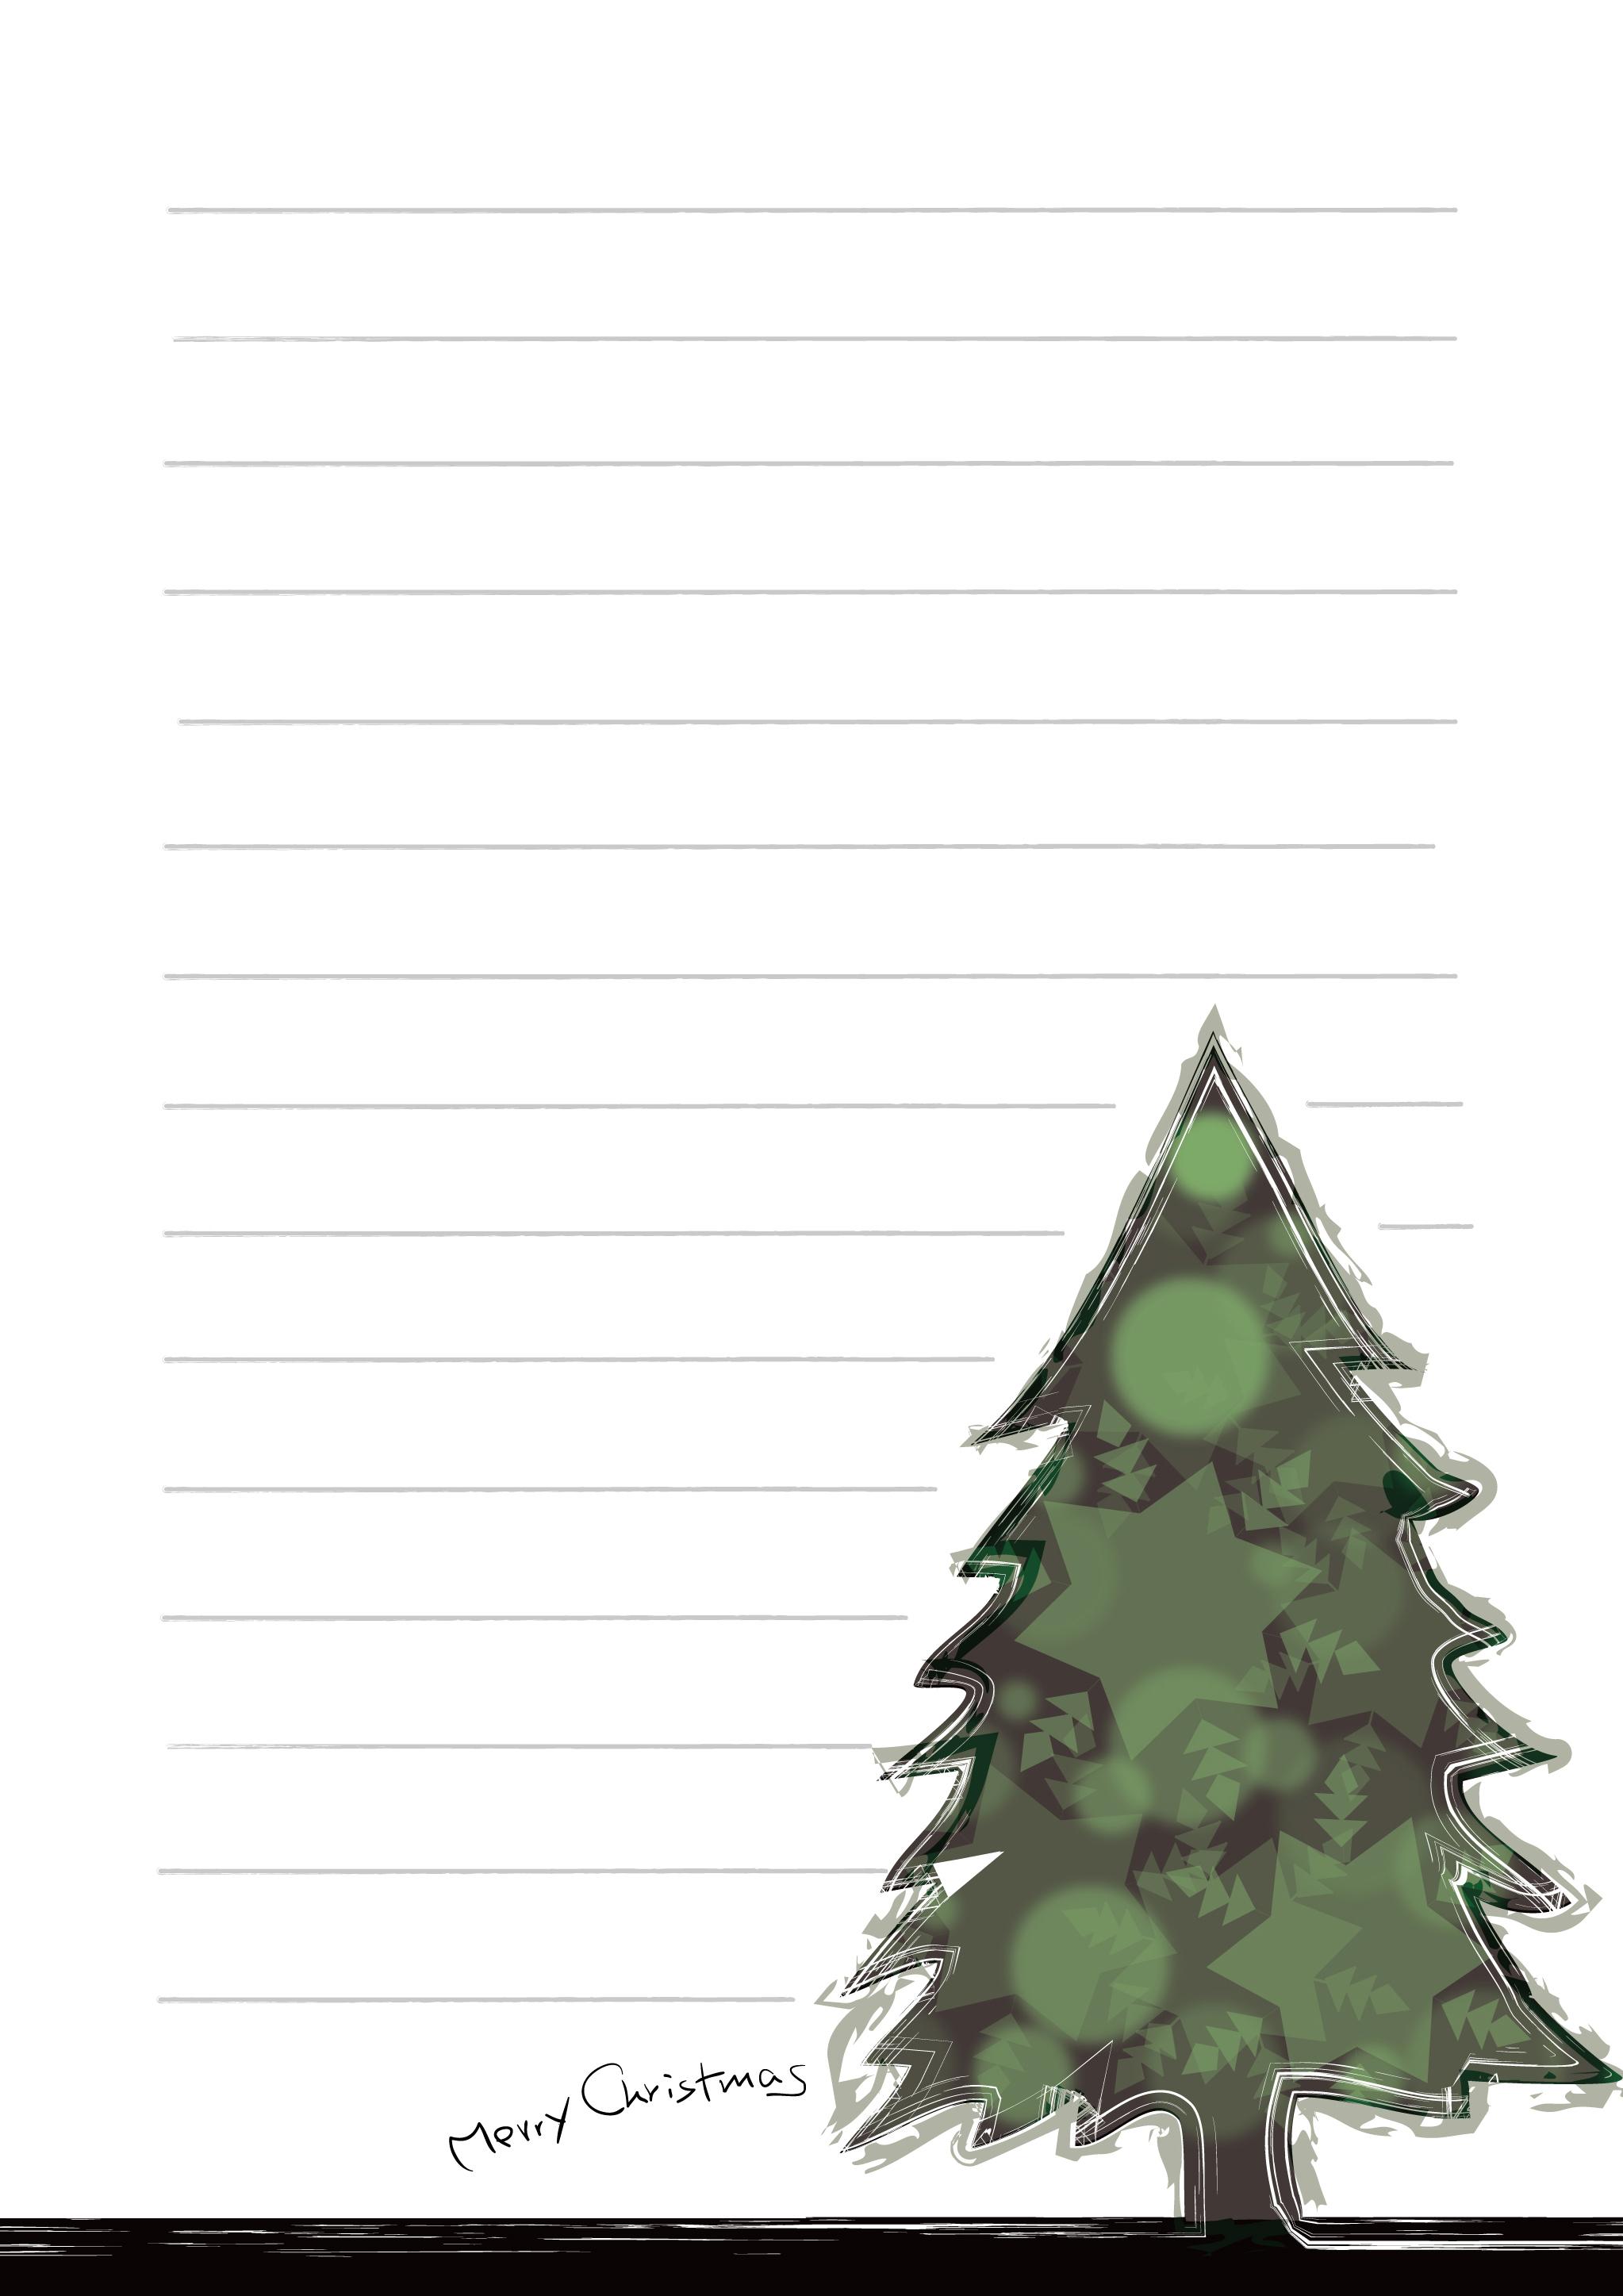 おしゃれ ツリー クリスマス イラスト